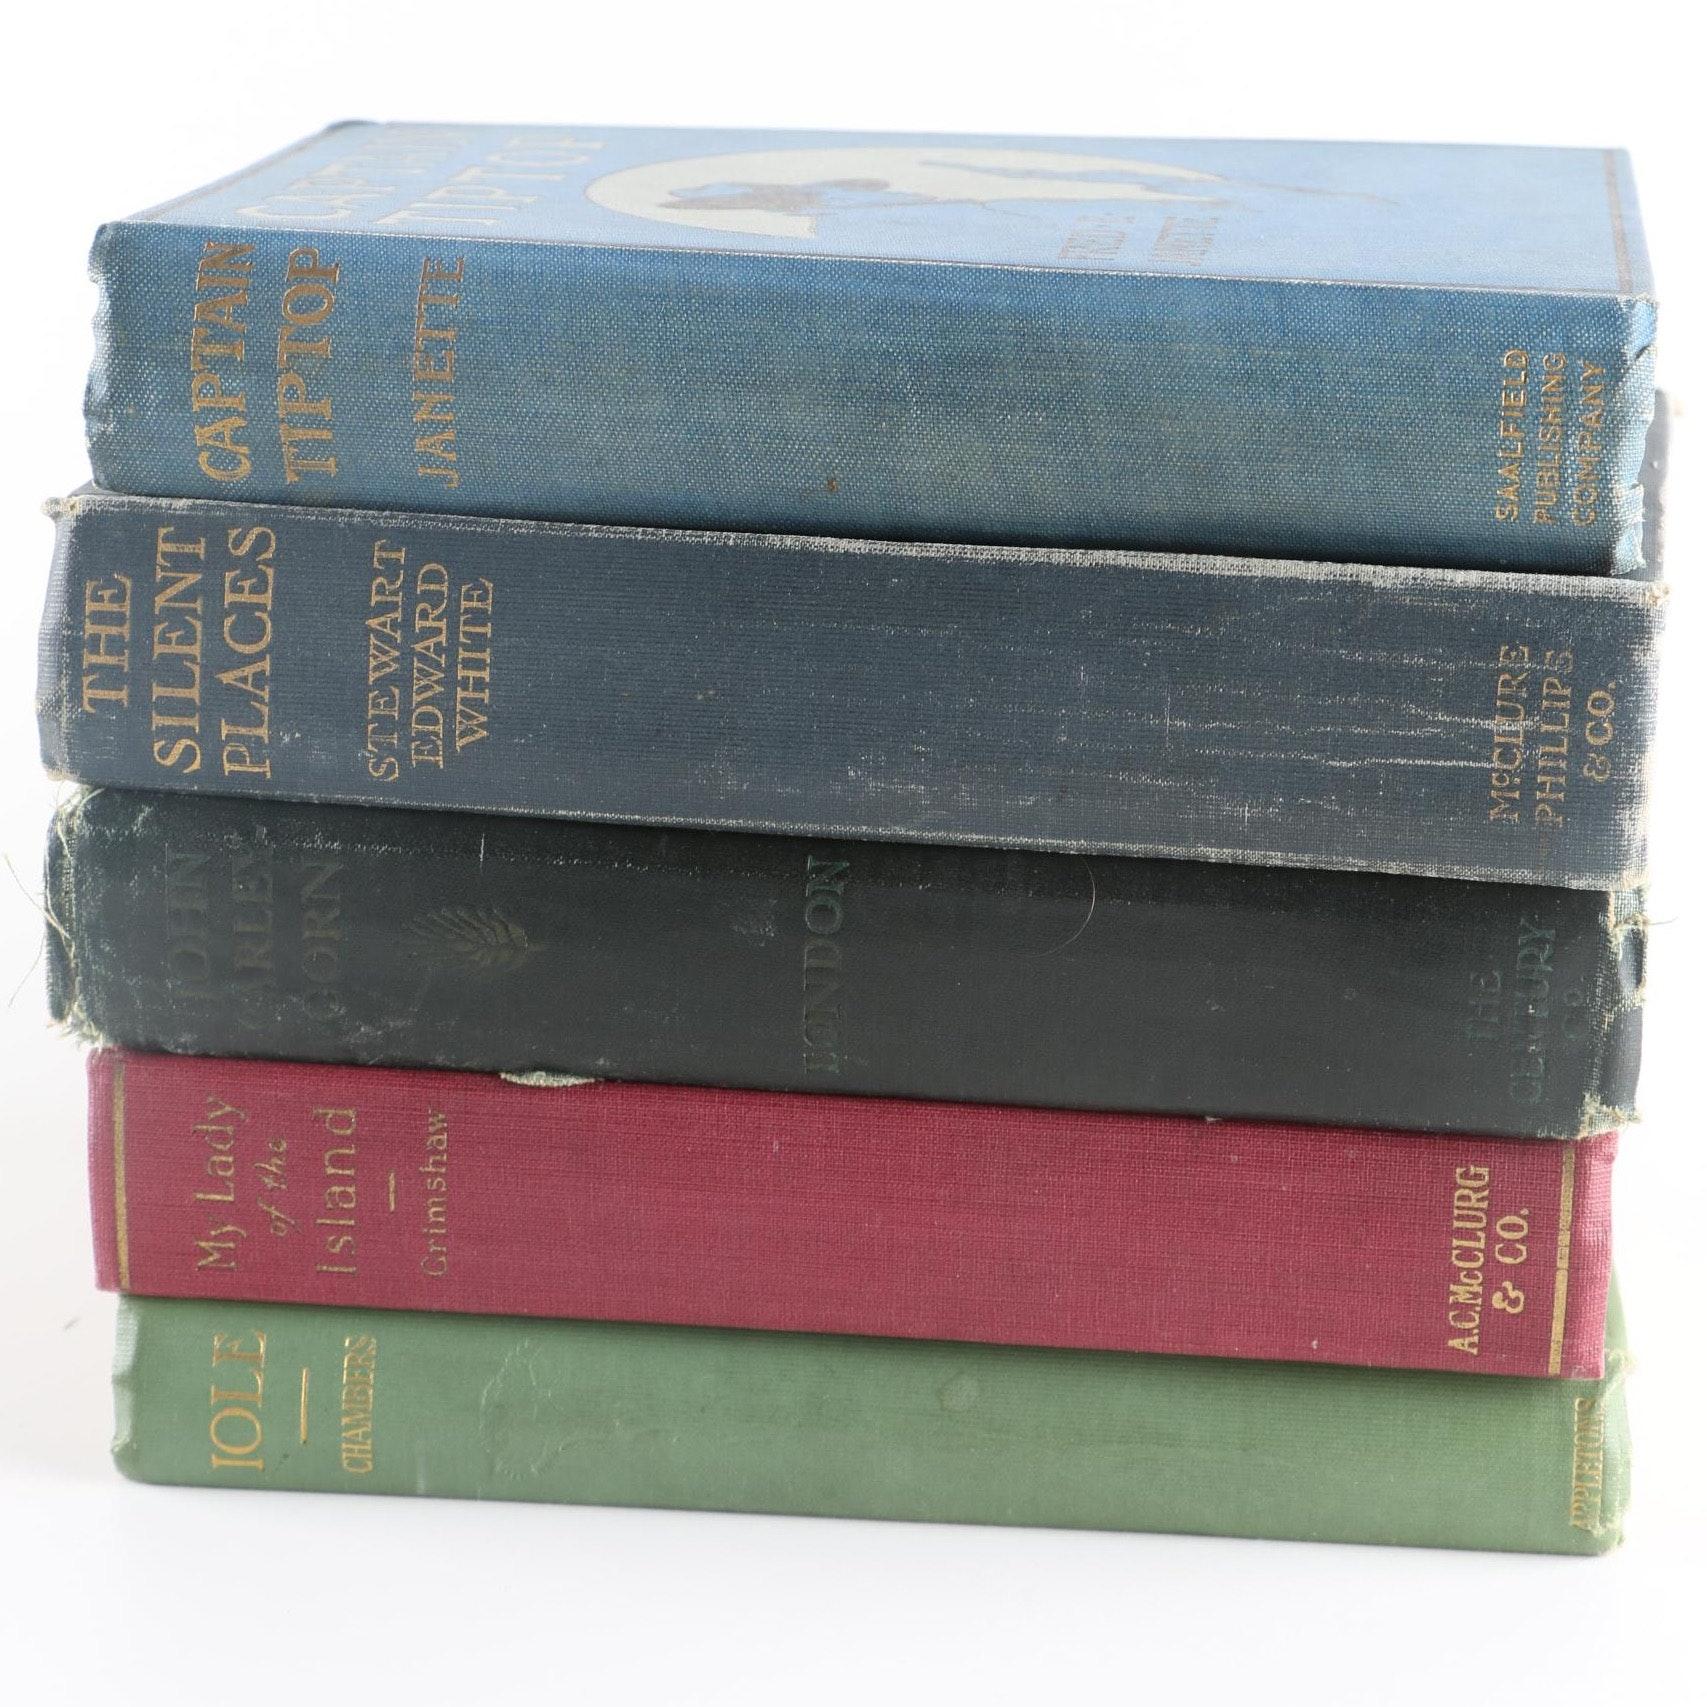 Antique Hardcover Books